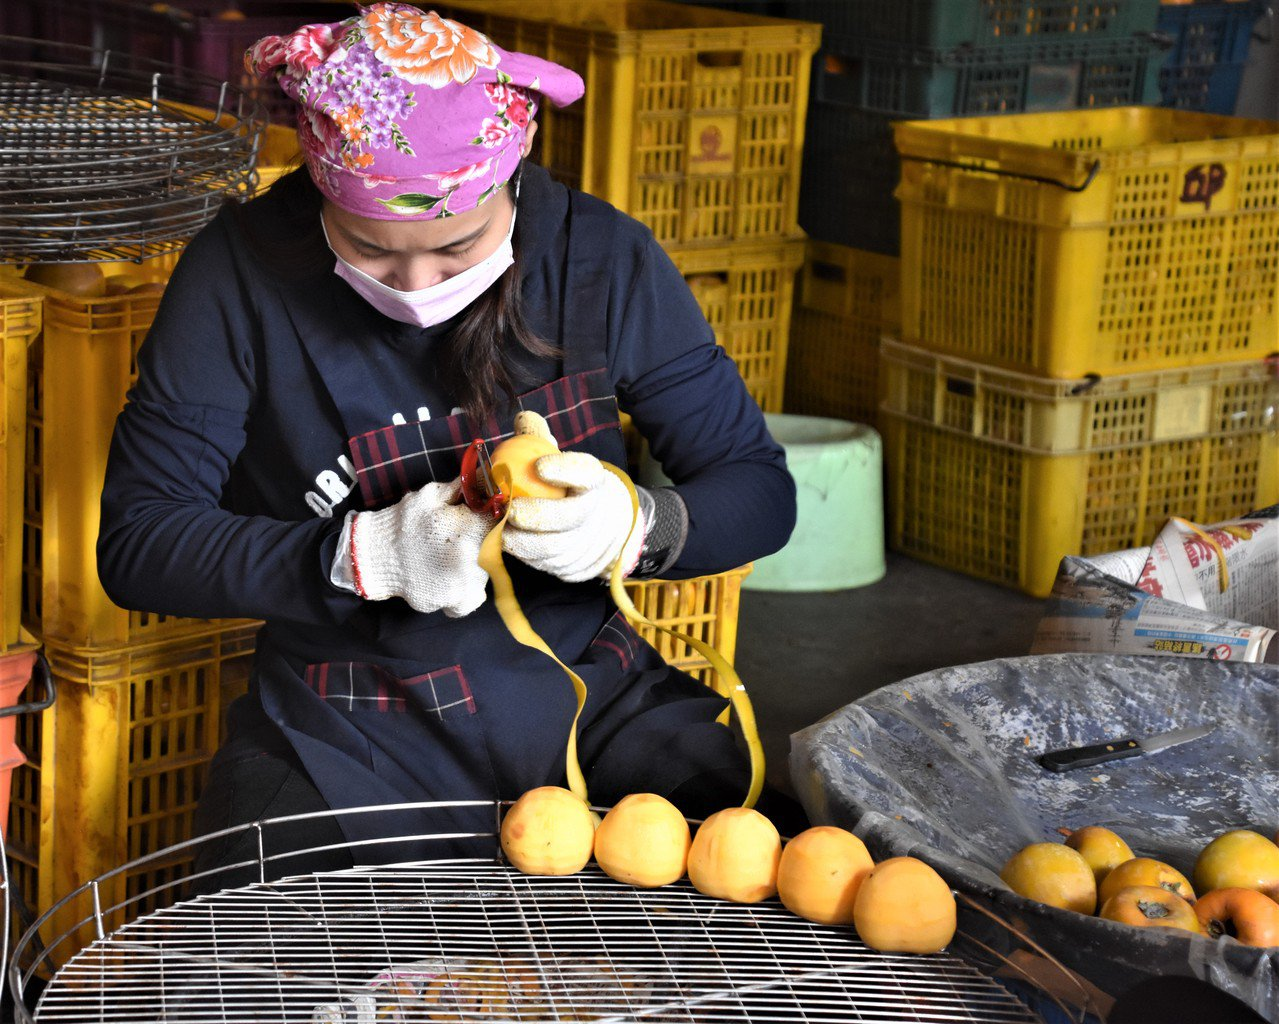 農園削柿,只見小機器不停削皮,但被機器夾住的兩頭,還需要人工收拾,熟手一刀俐落到...